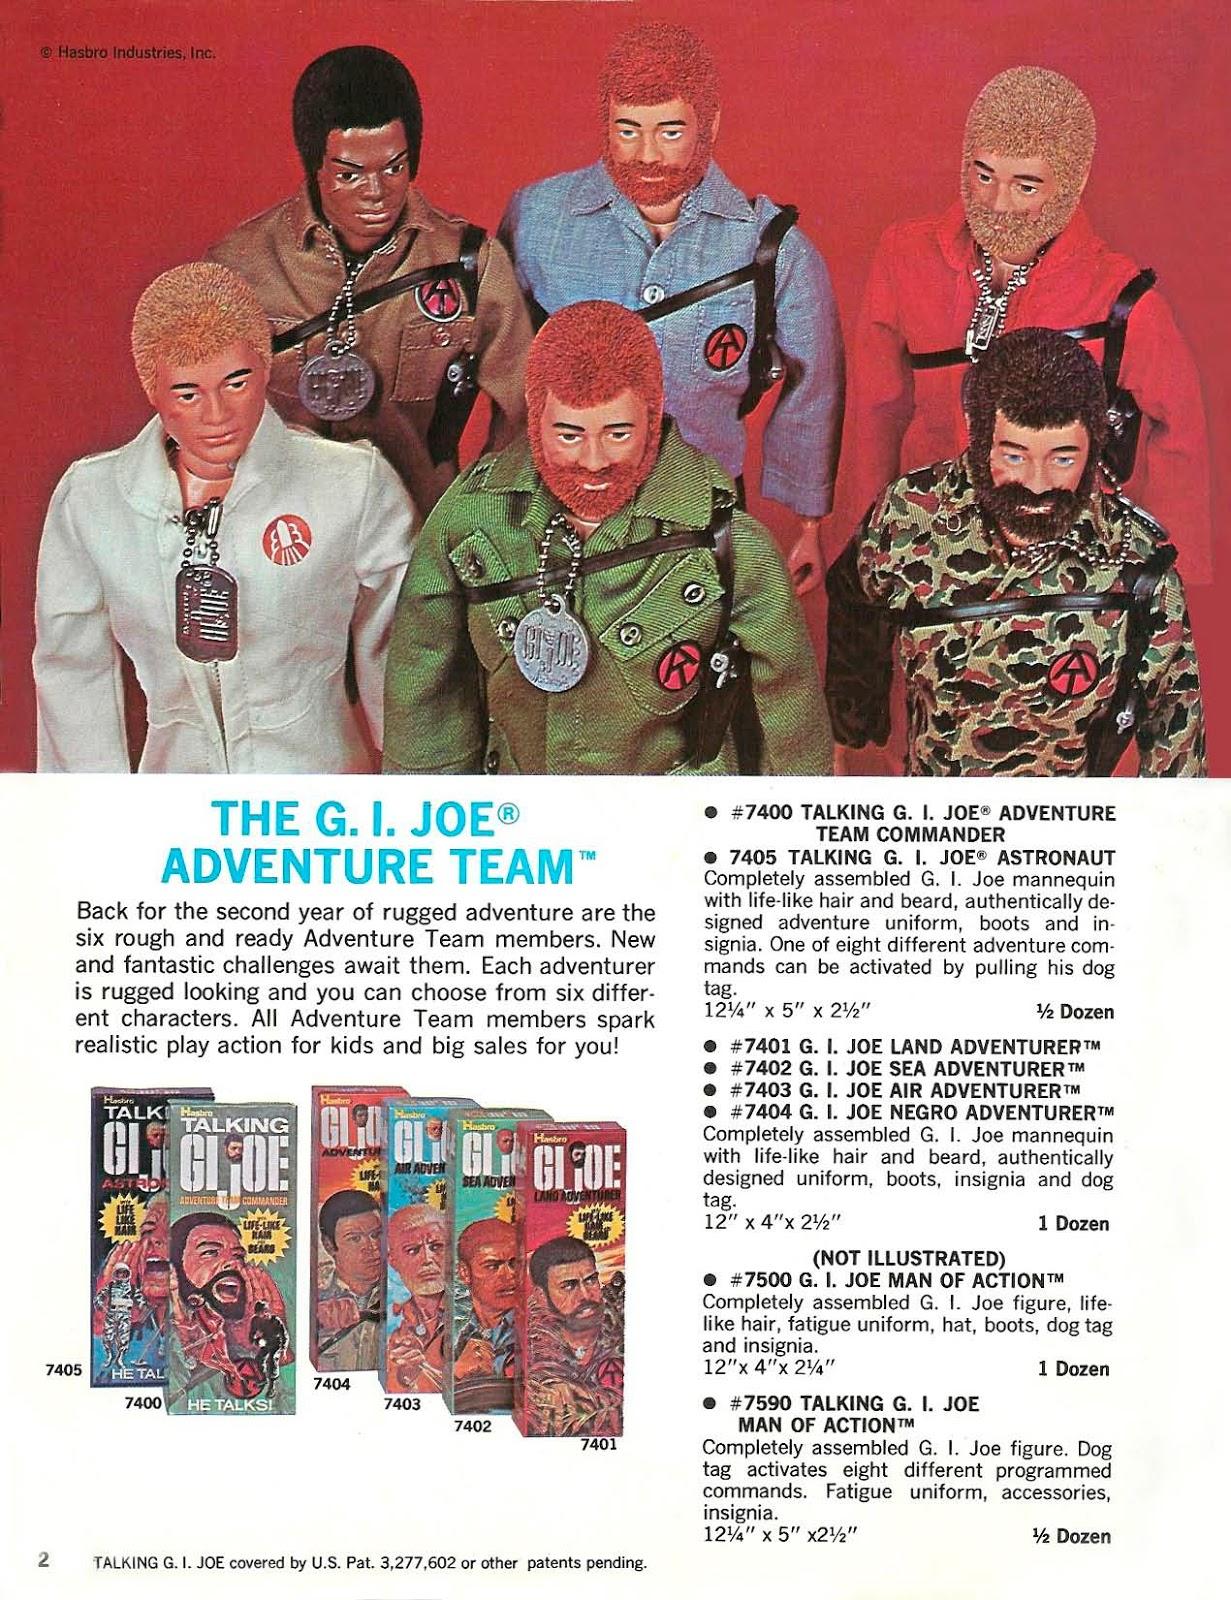 1971 Adventure Team